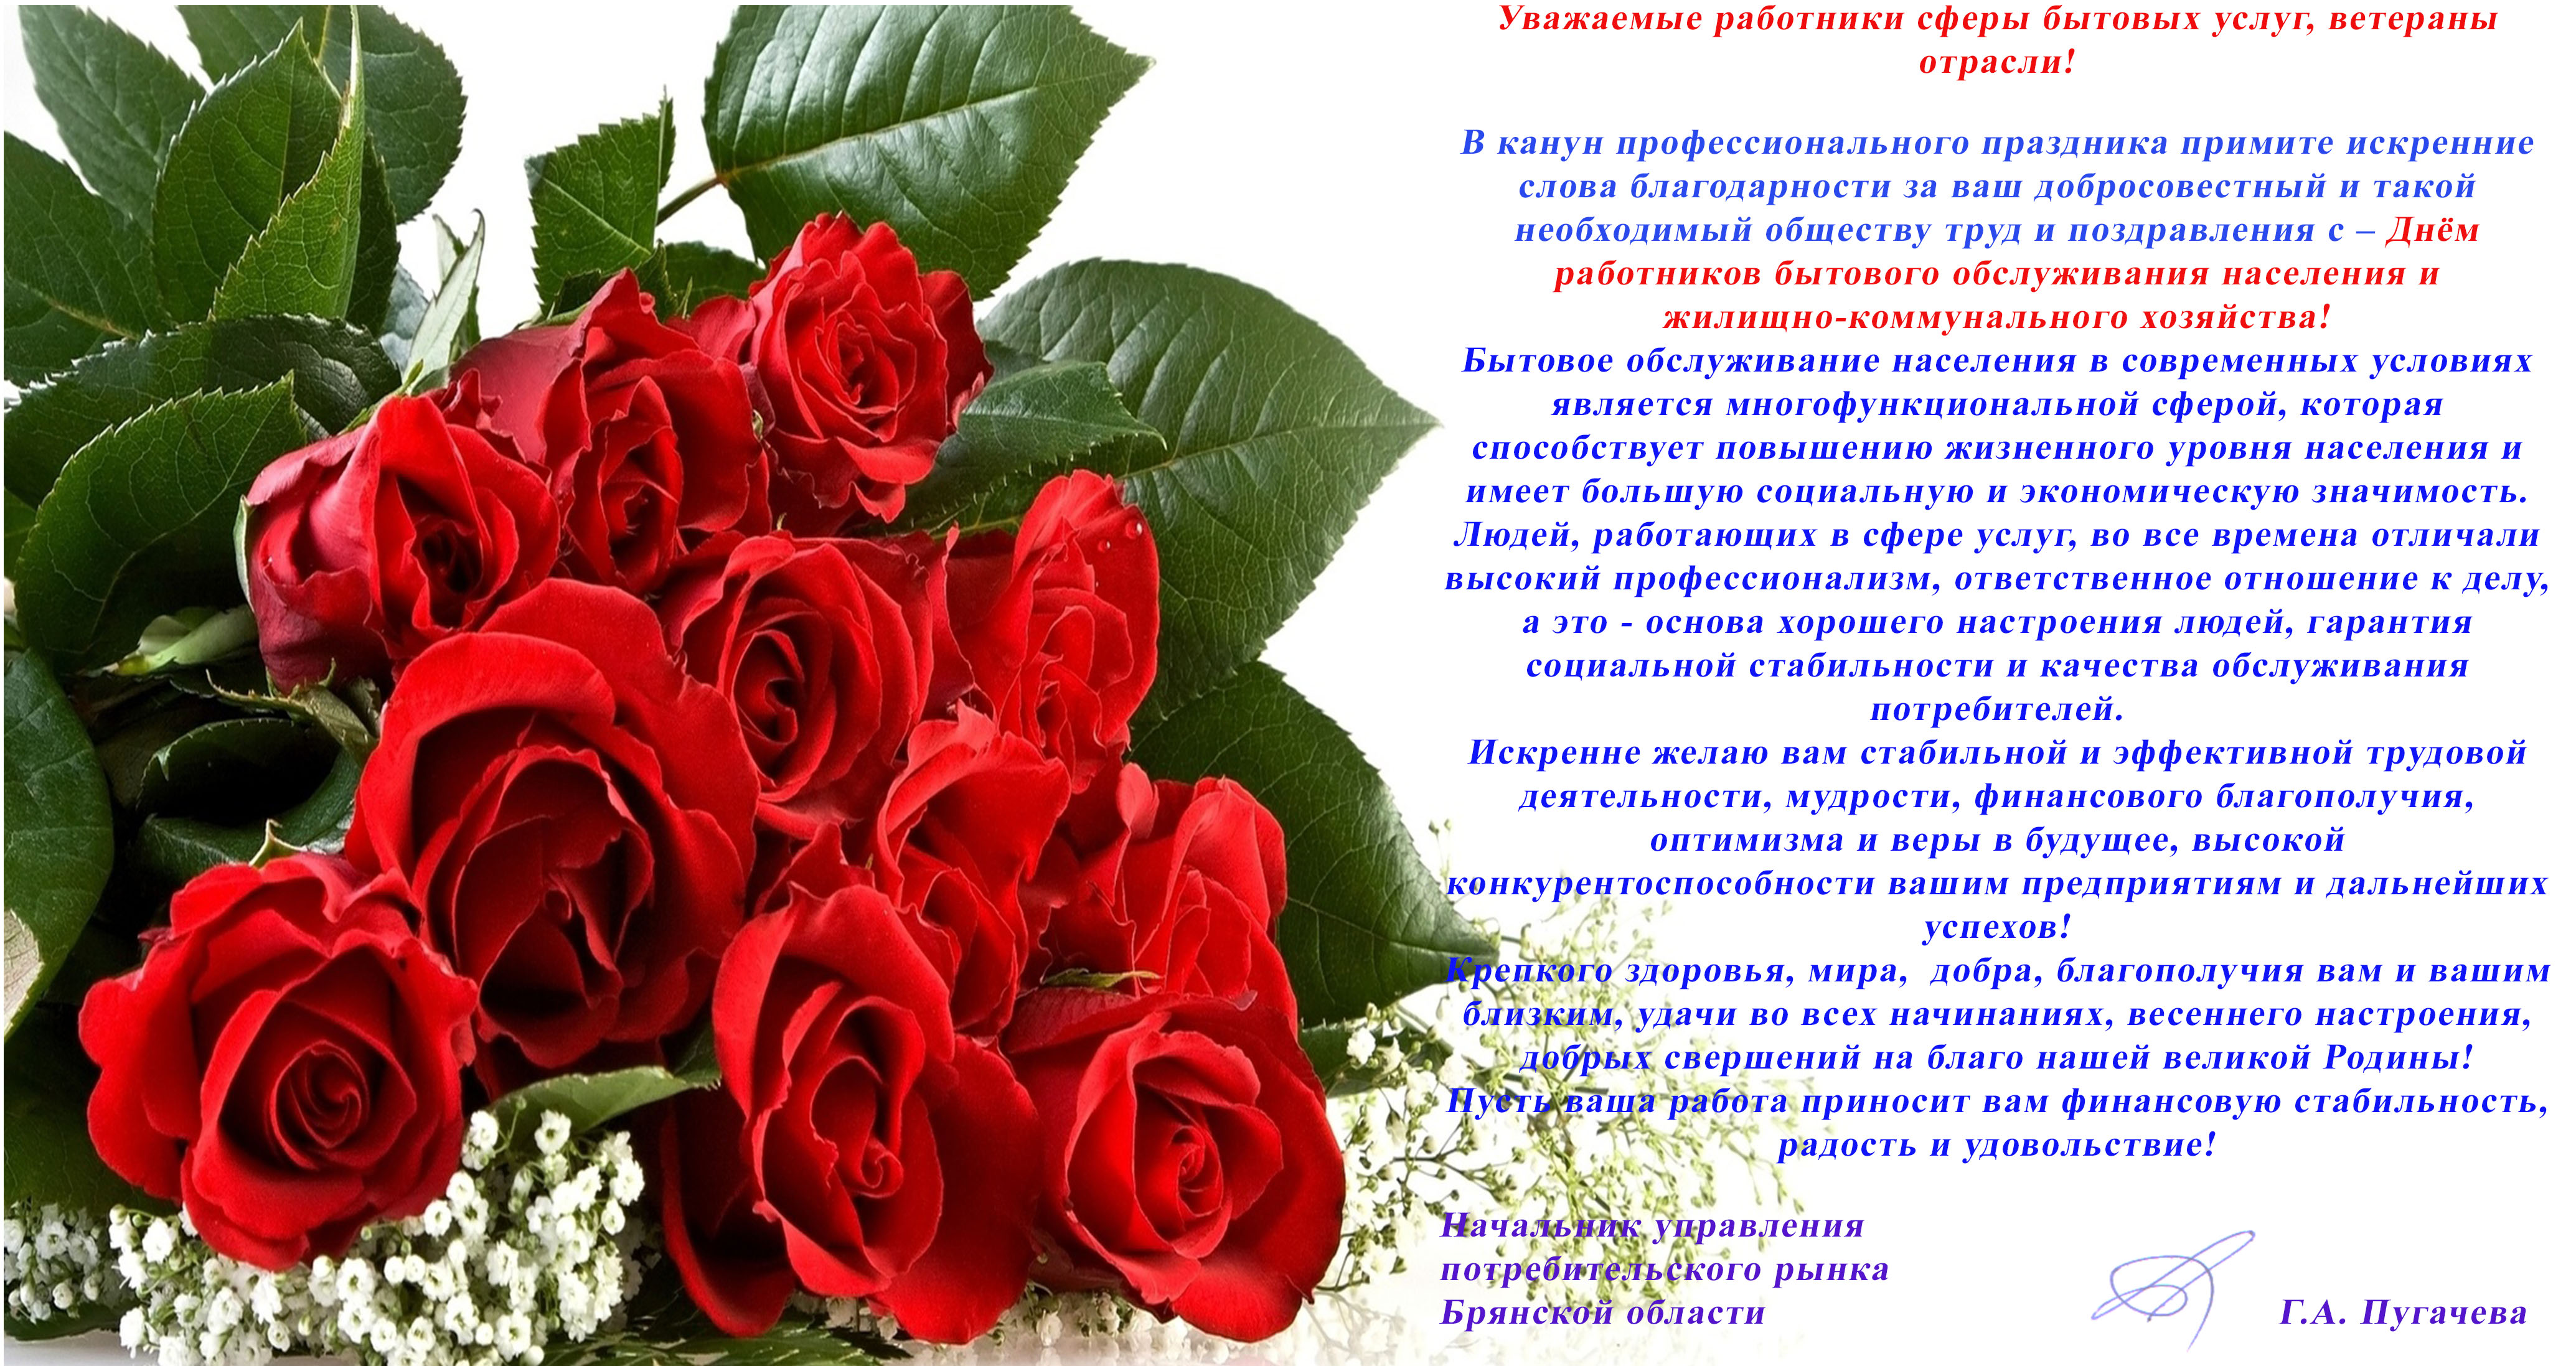 Поздравление с днём рождения маме бабушке в стихах